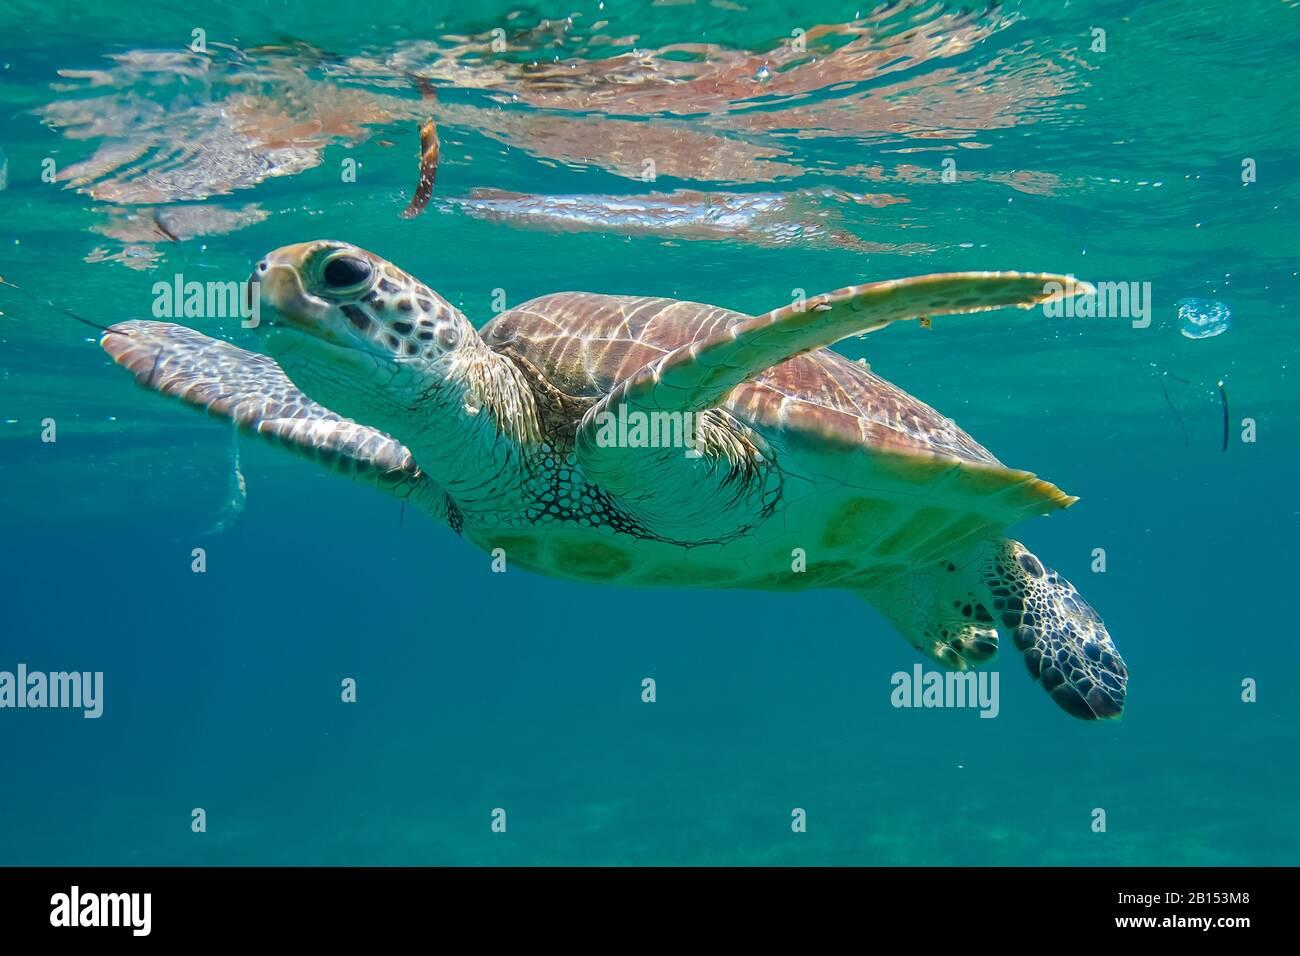 Tortuga verde, tortuga de roca, tortuga de carne (Chelonia mydas), nadar en la bahía de Shaab Abu Dabab, Egipto, Mar Rojo Foto de stock